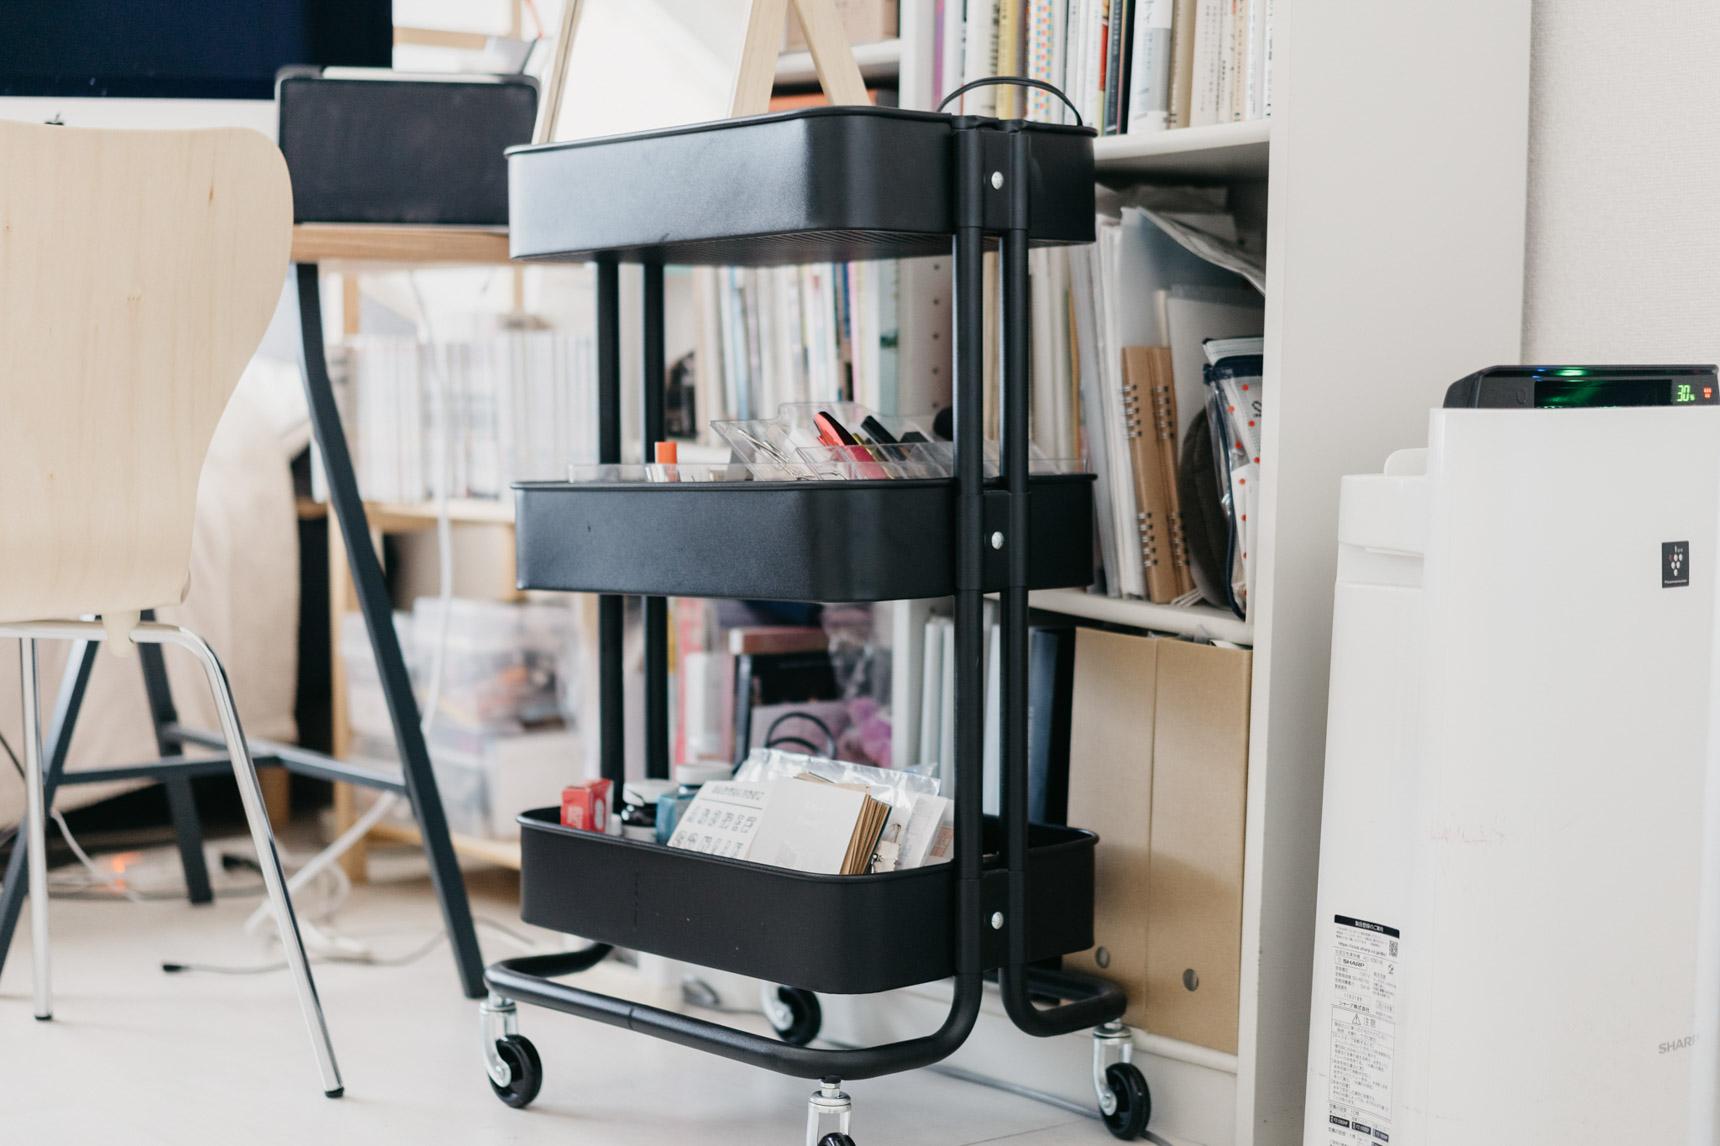 キッチンだけでなく、コスメ用品や、文房具などの置き場所として、お部屋の中でも活躍します。